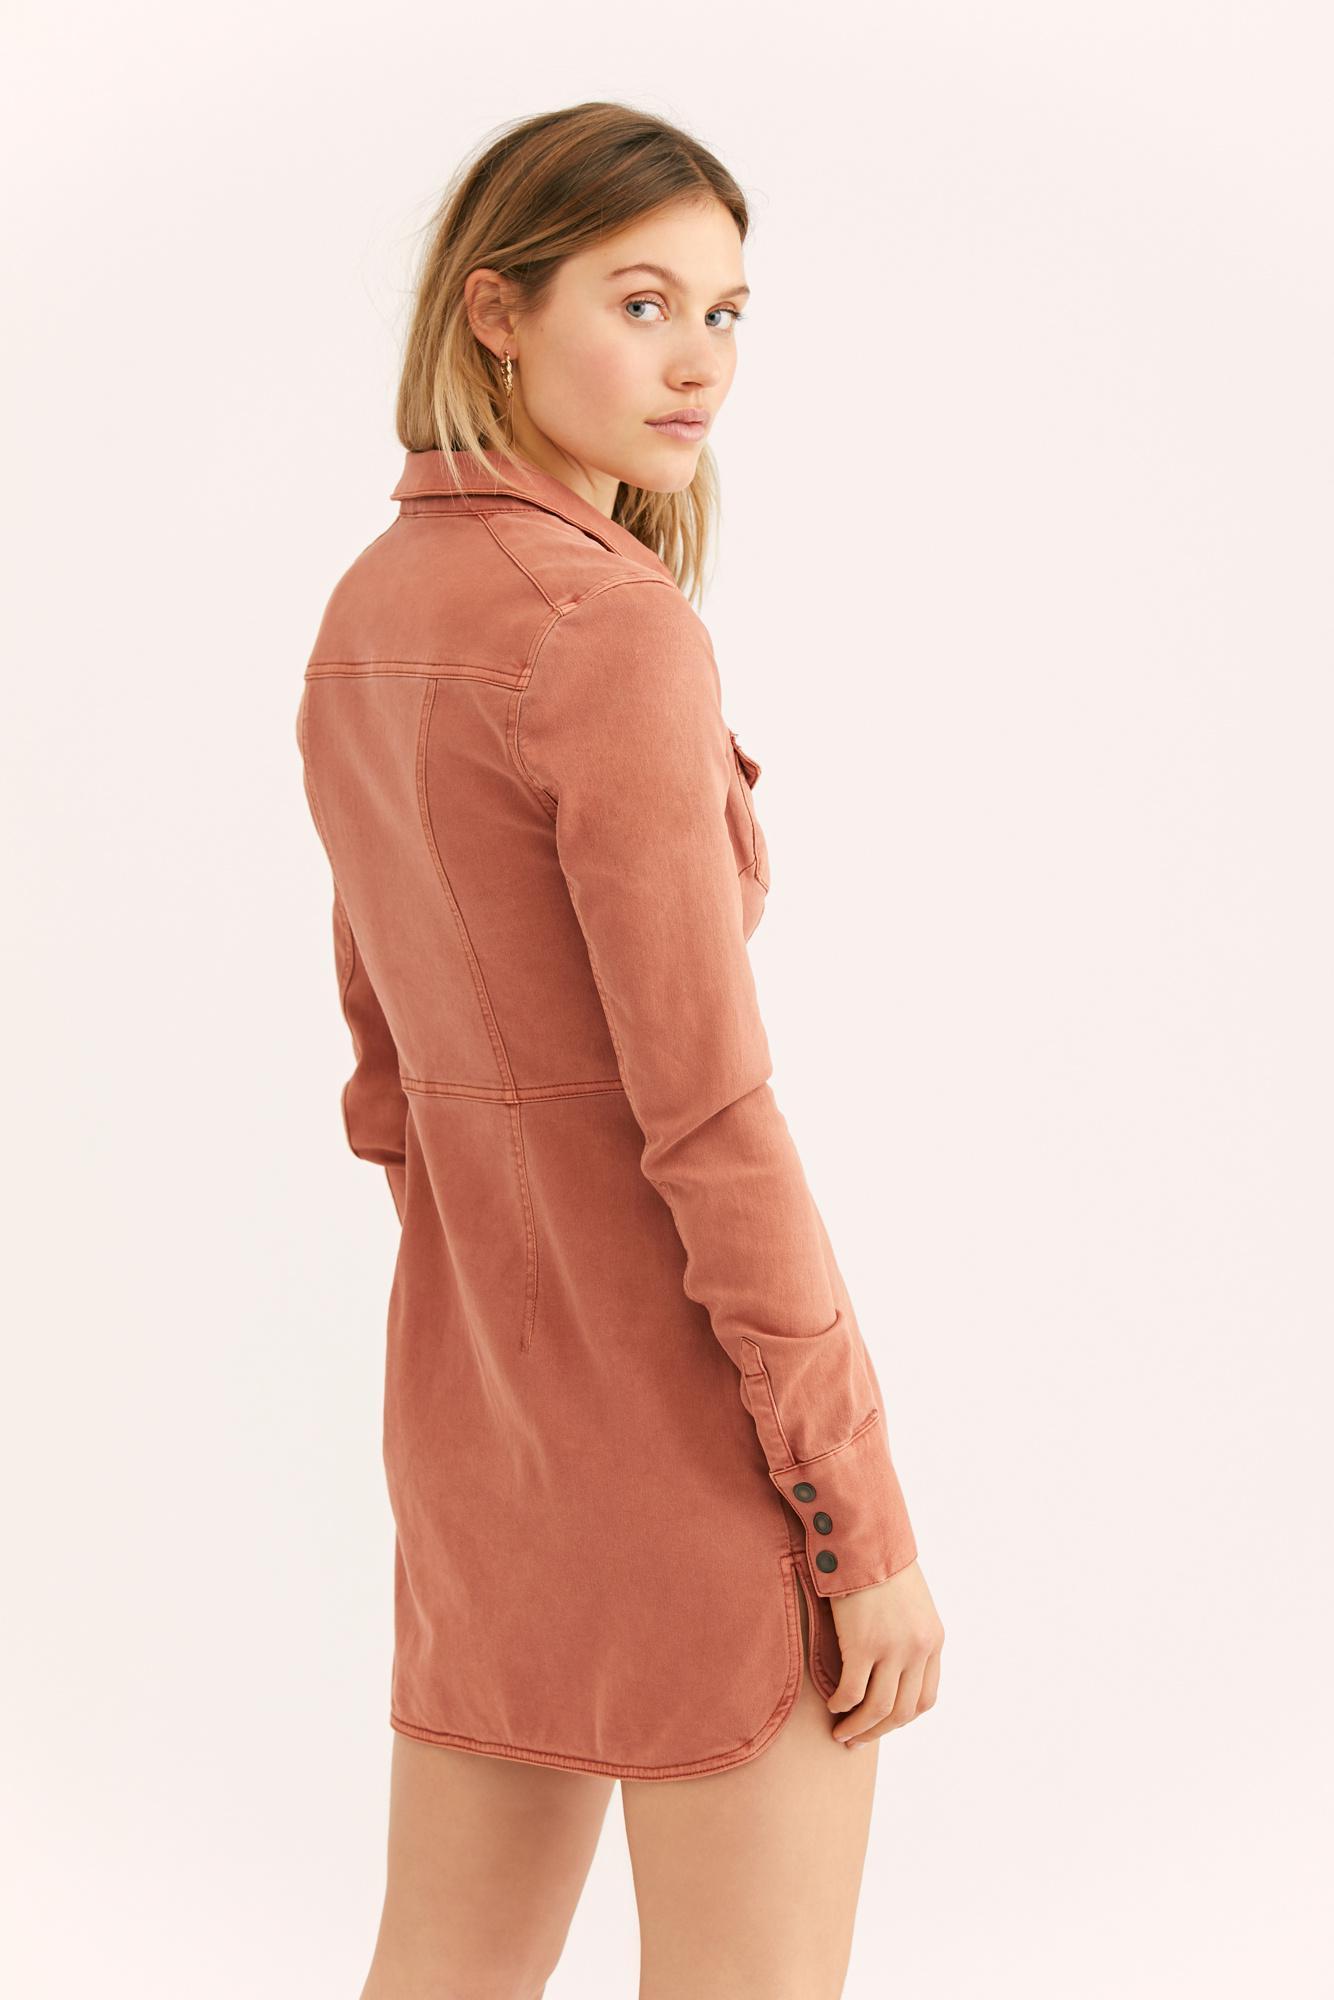 9f78ffee572 Free People - Orange Dynomite Denim Mini Dress - Lyst. View fullscreen